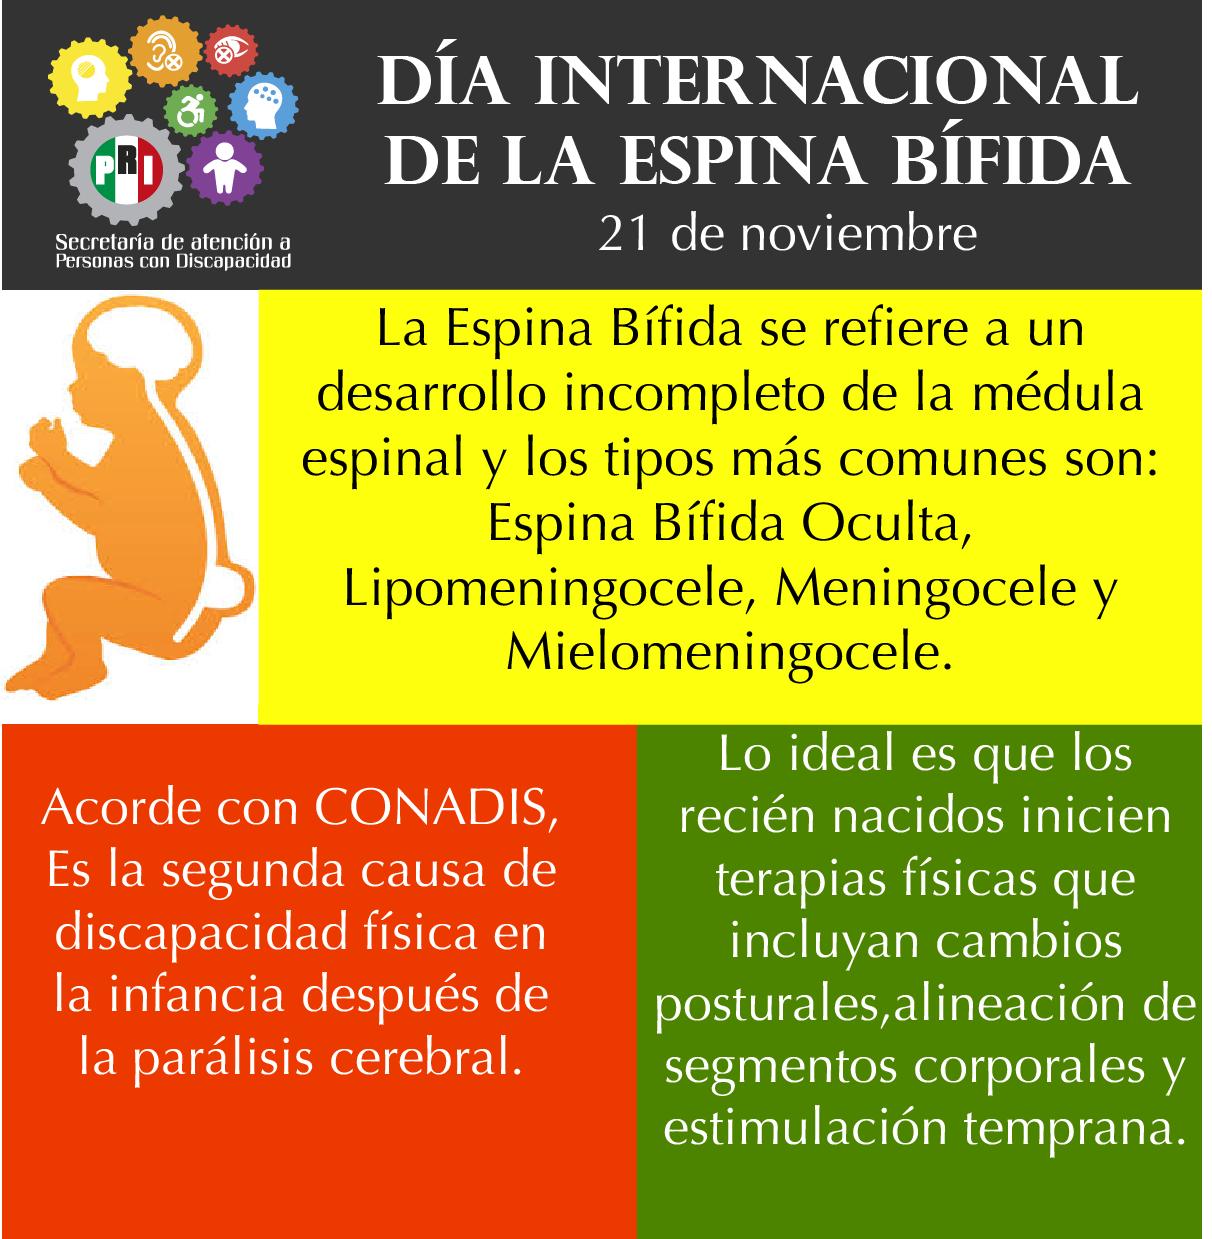 Día Internacional de la Espina Bífida